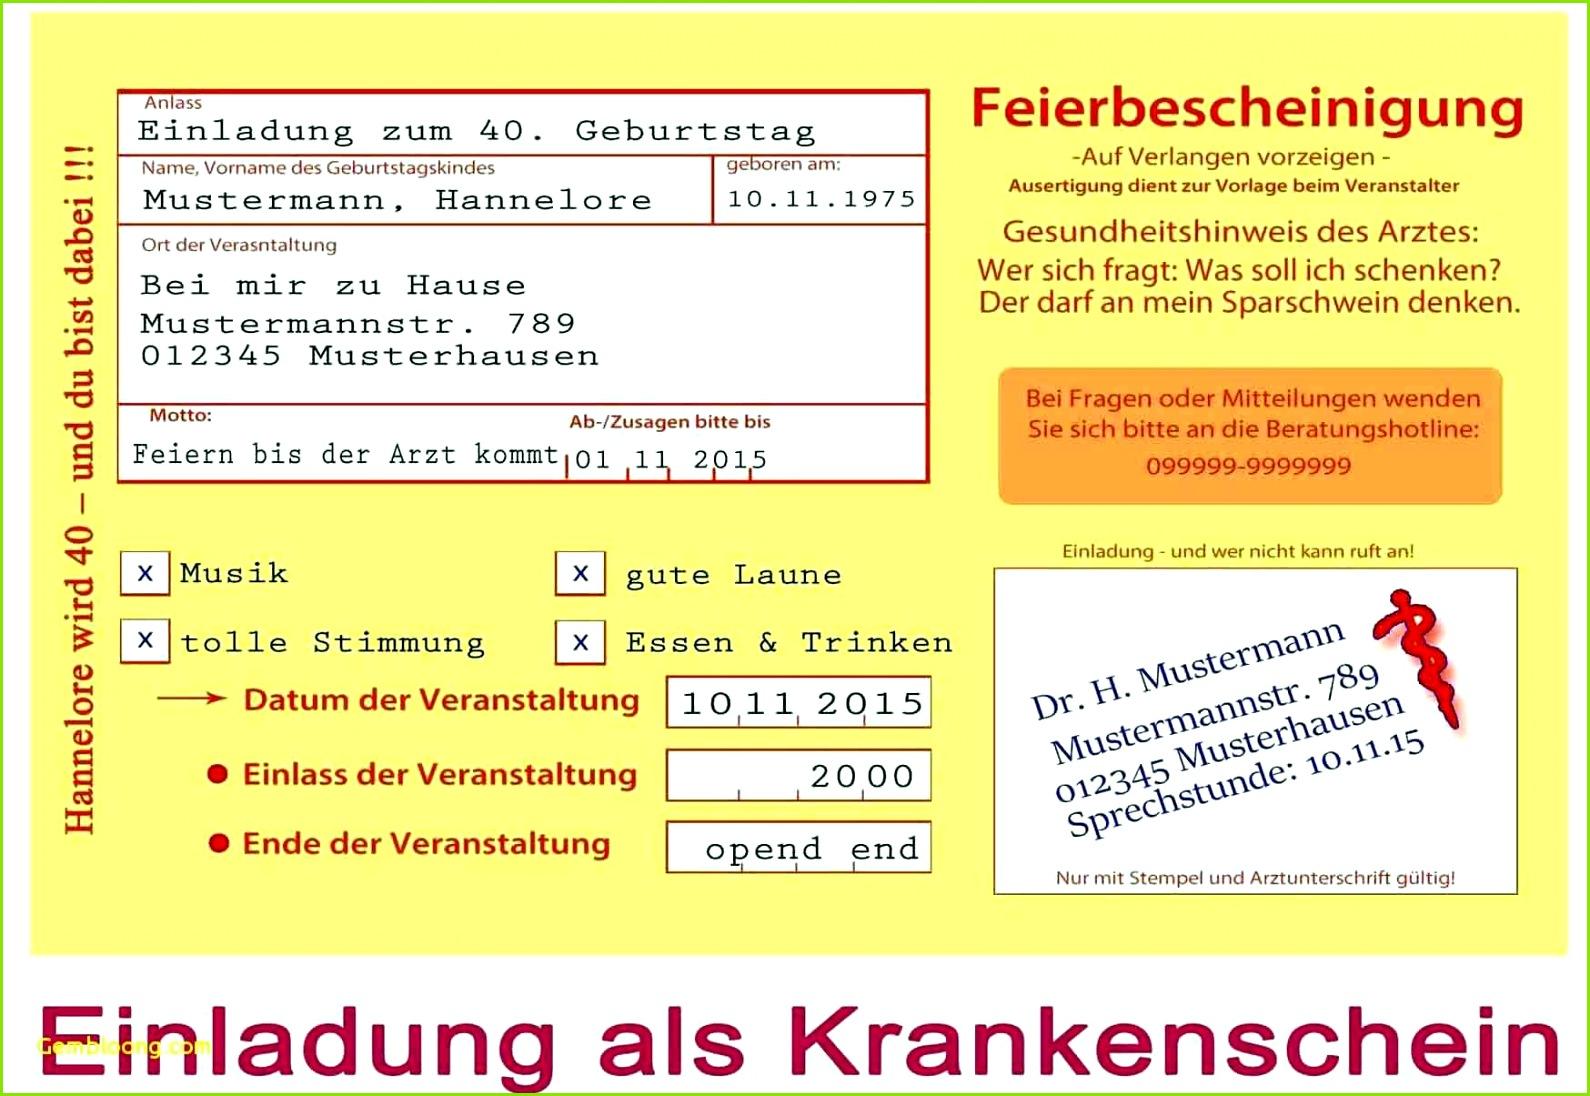 Einladung Kommunion Text Beispiel Einladungskarten Vorlagen Geburtstag Vorlagen Einladungen 0d Meinung